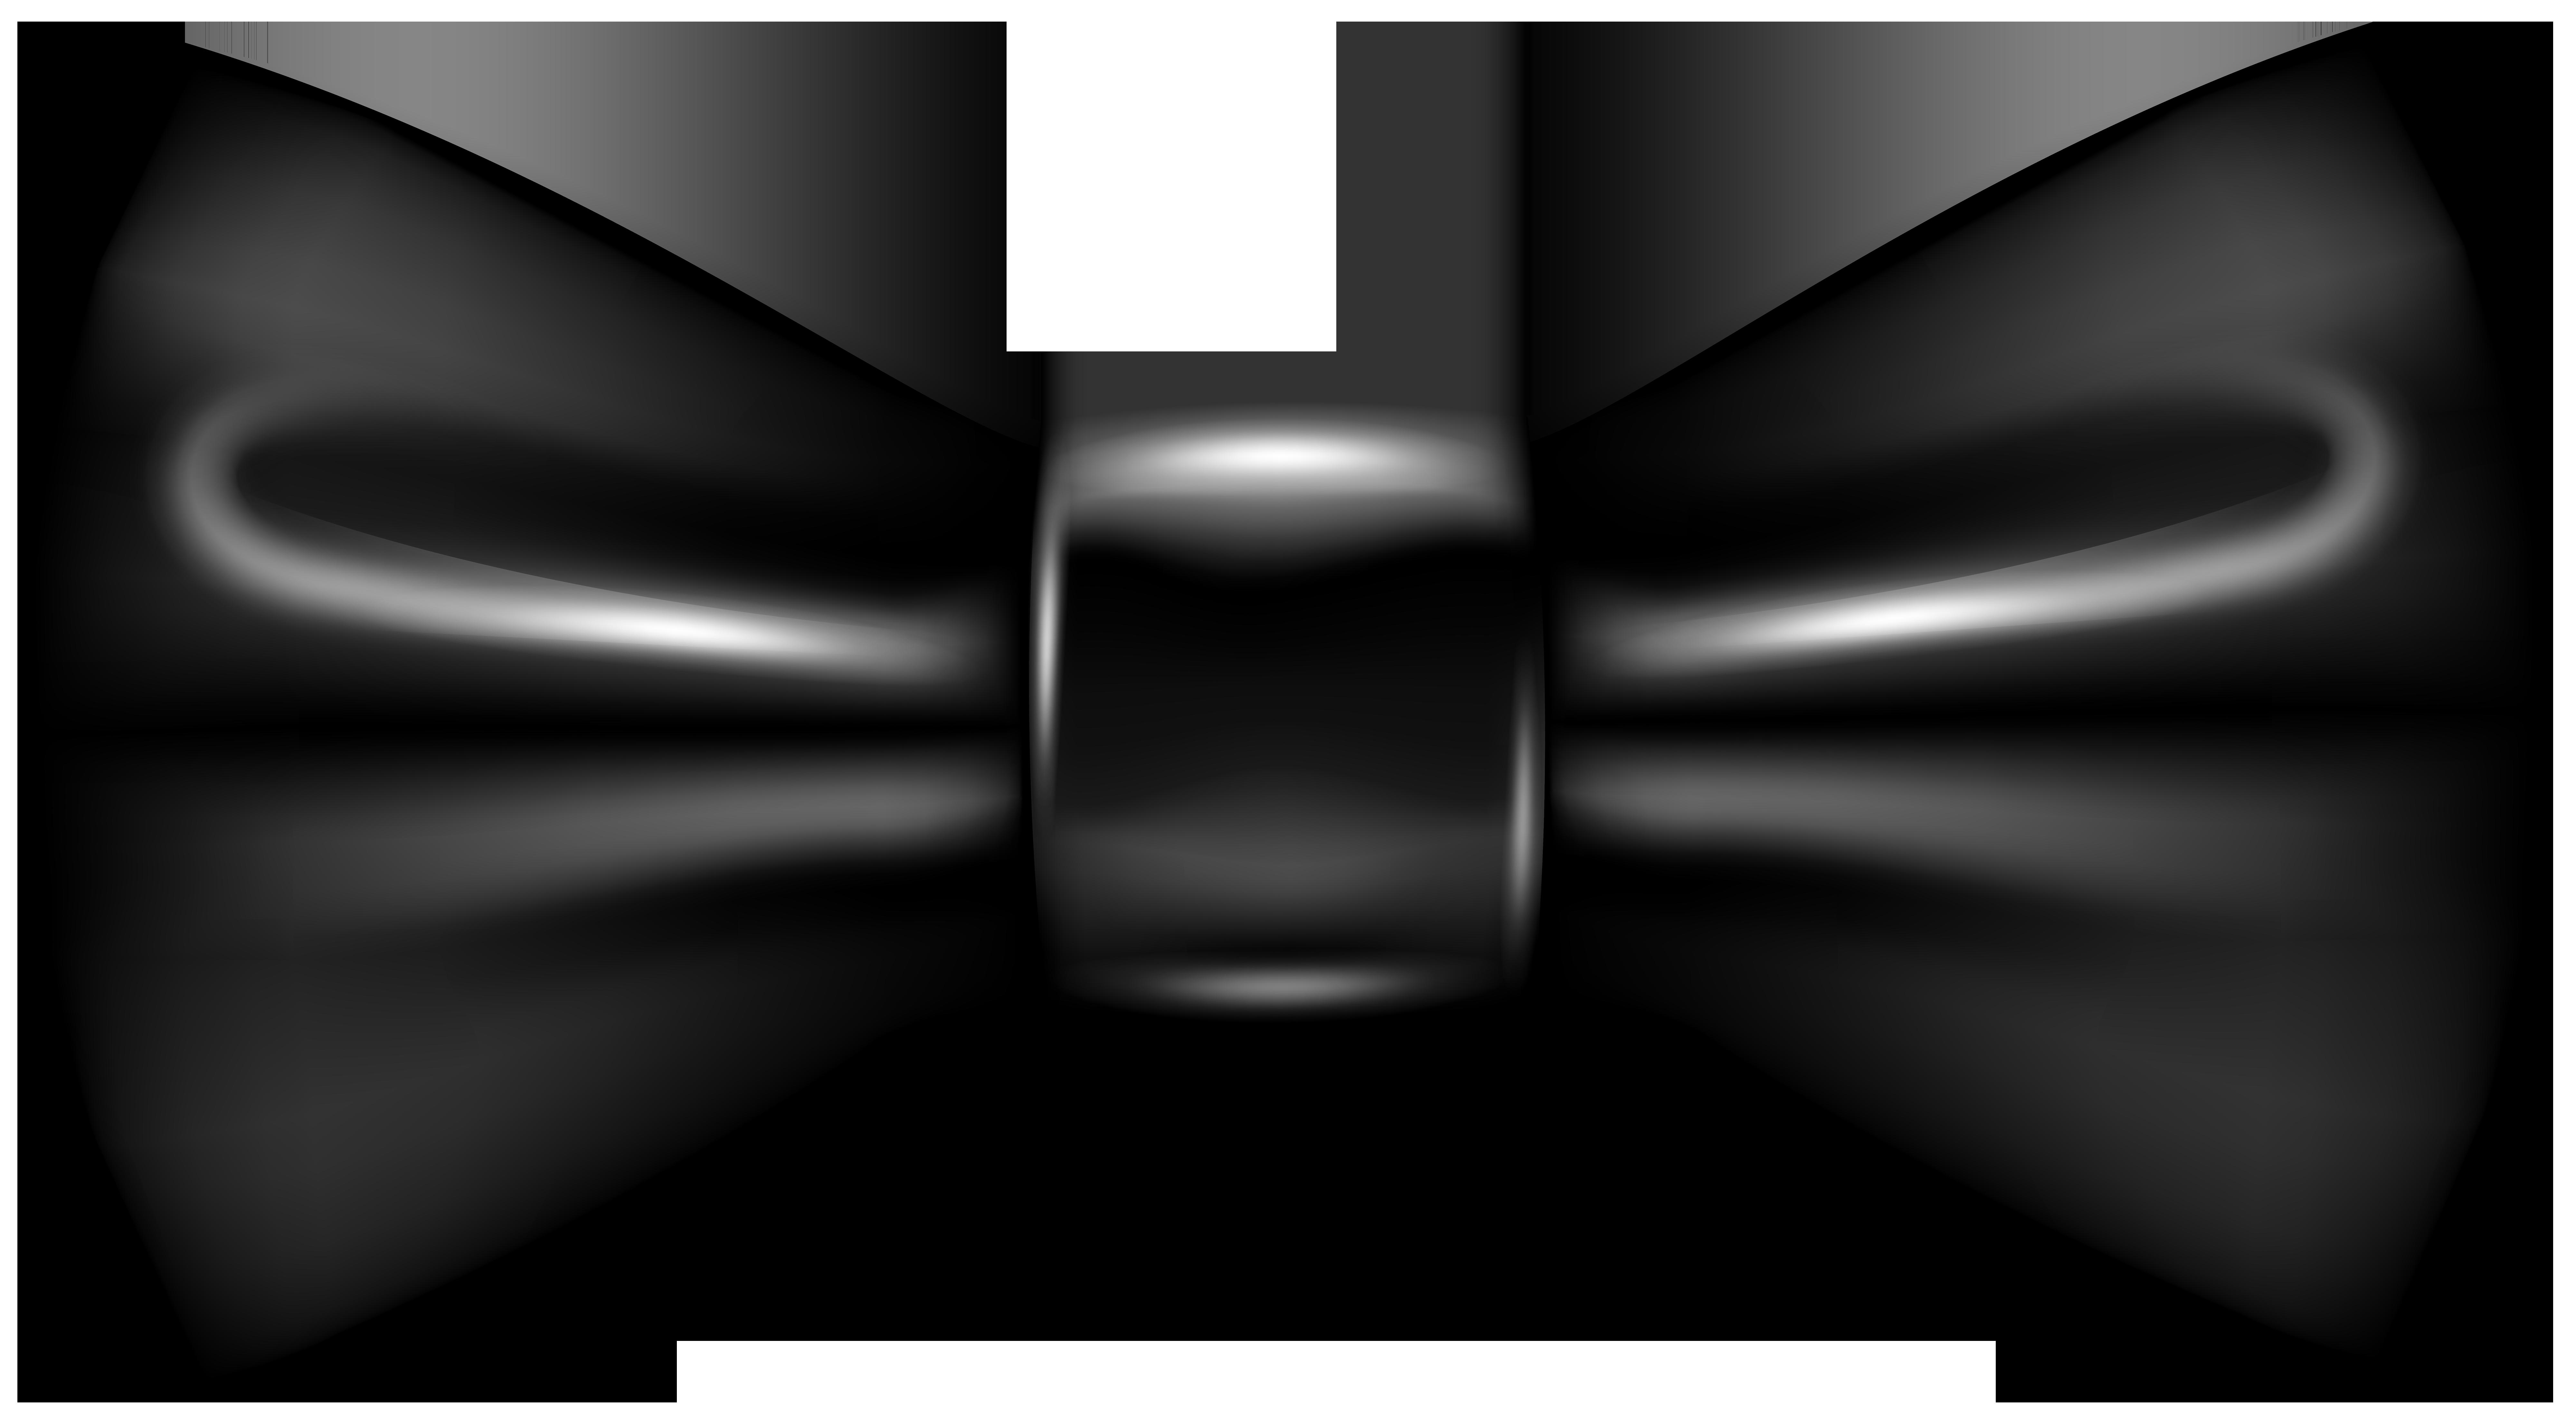 Bowtie Transparent Clip Art PNG Image.